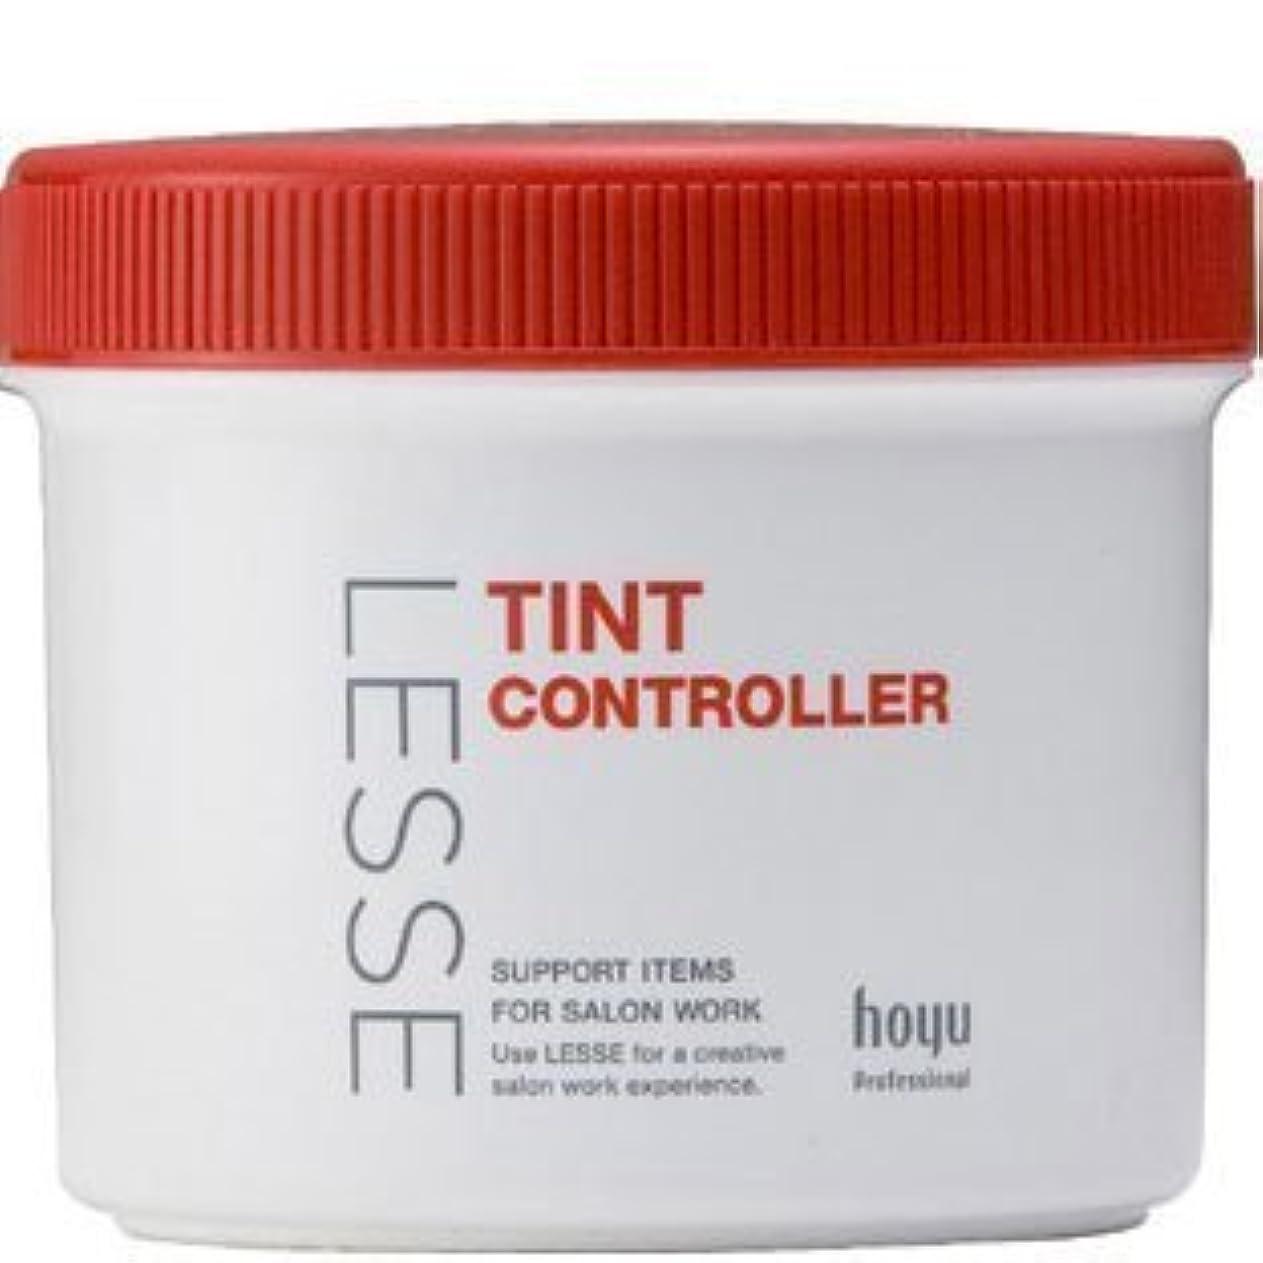 タンザニア洗剤普遍的なホーユー レセ ティントコントローラー 〈脱染剤〉 300g